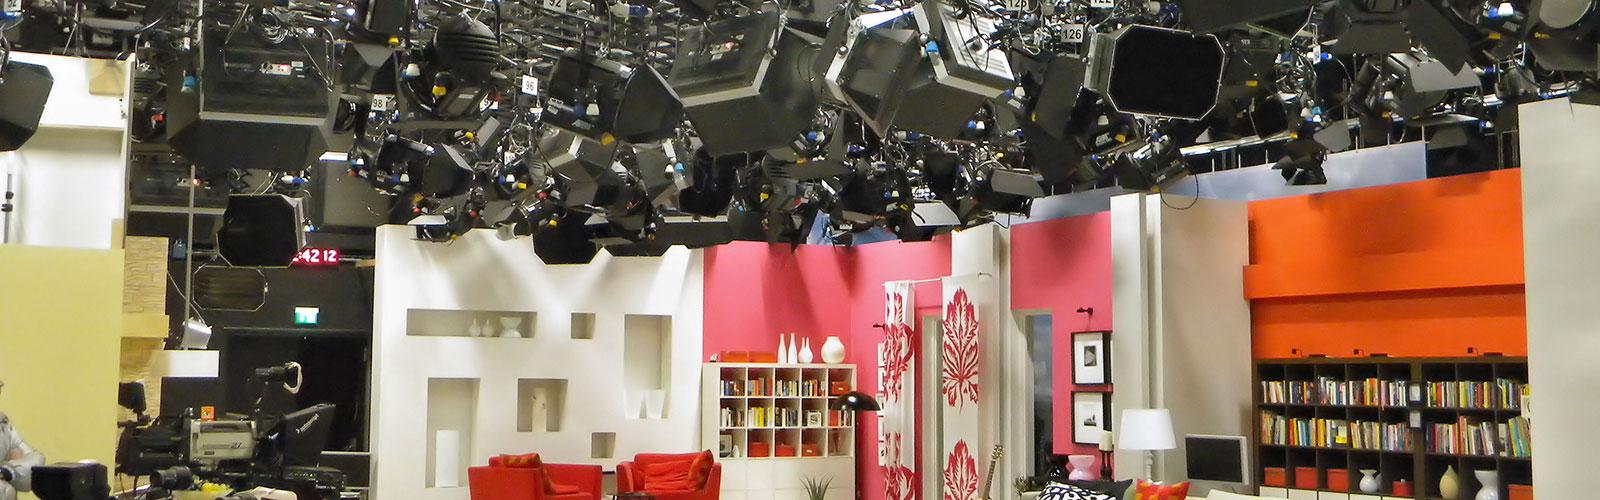 Sat1 Fernsehwerft